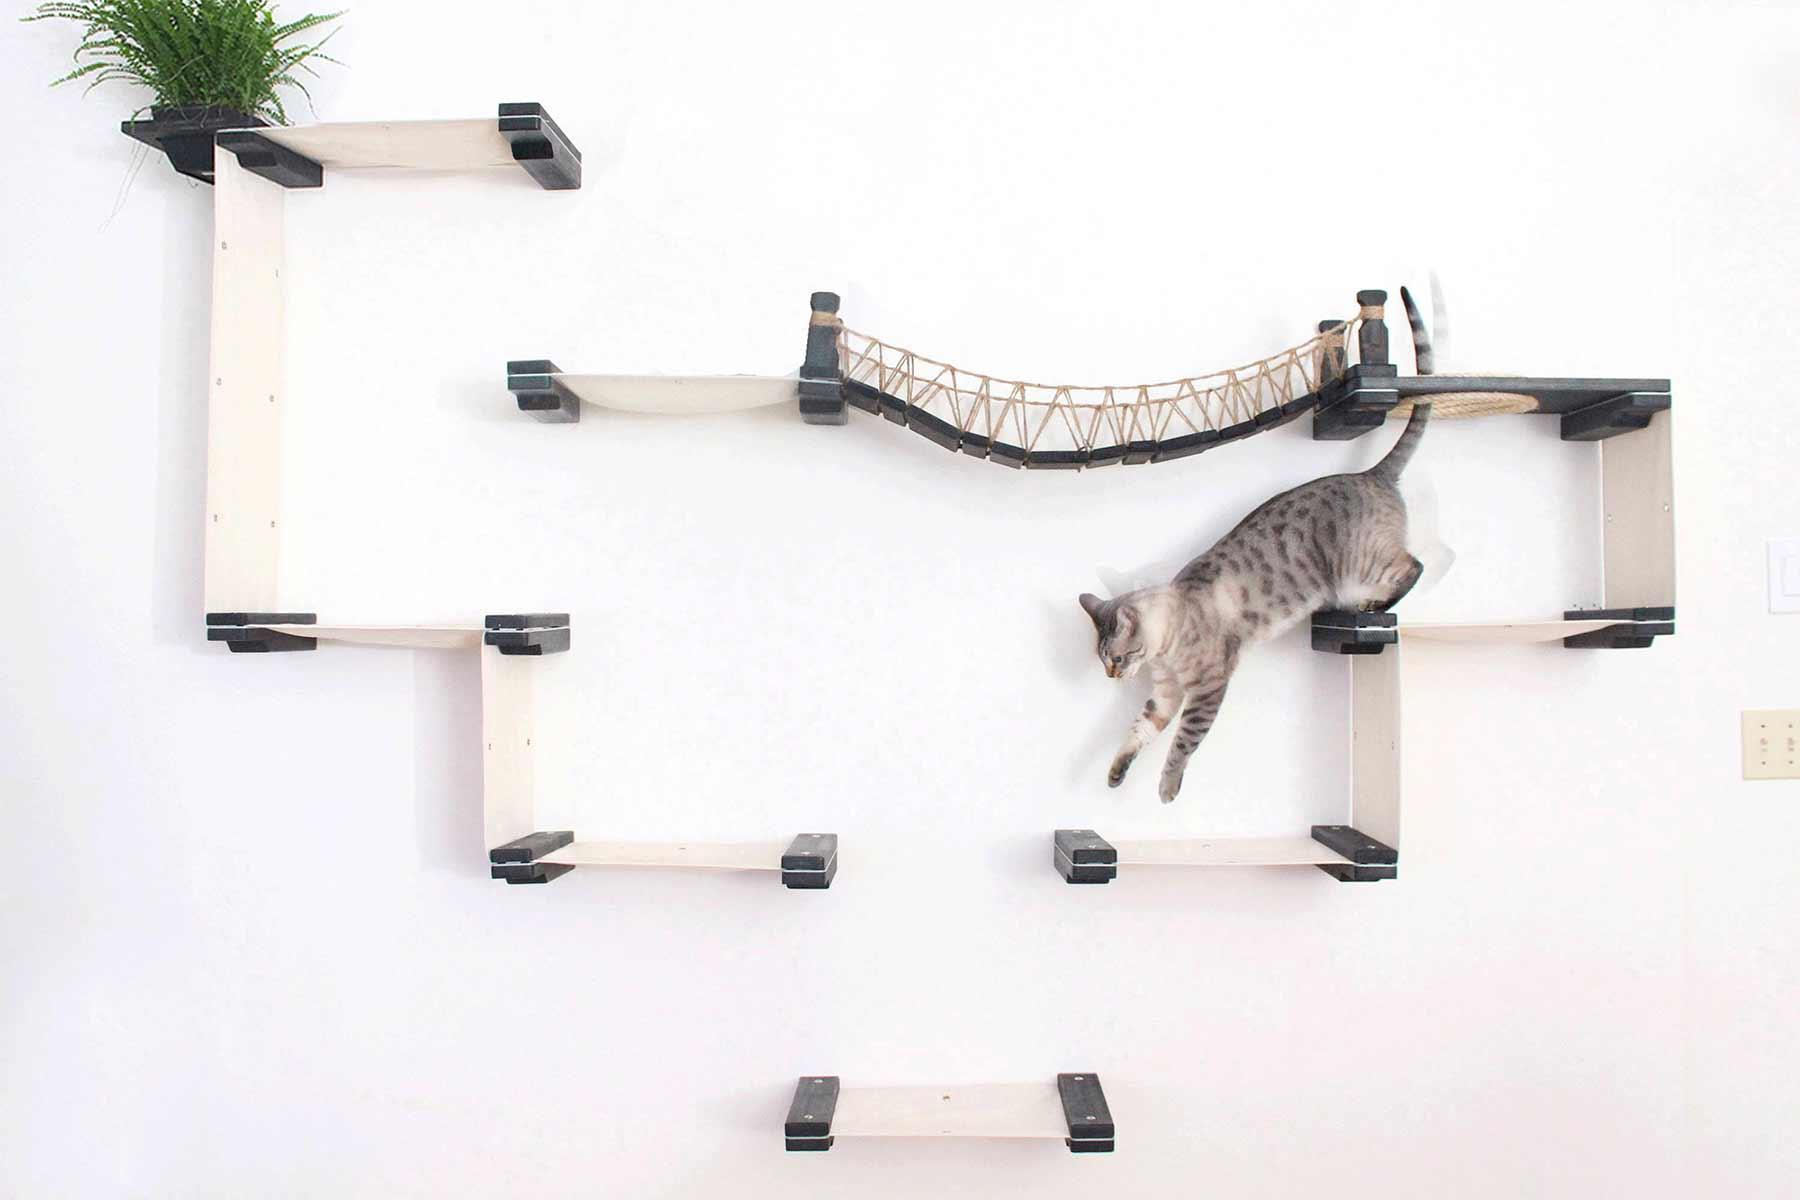 Modulares Katzenspielplatz-System für die Wand CatastrophiCreations-katzenspielplatz-wand-system_03